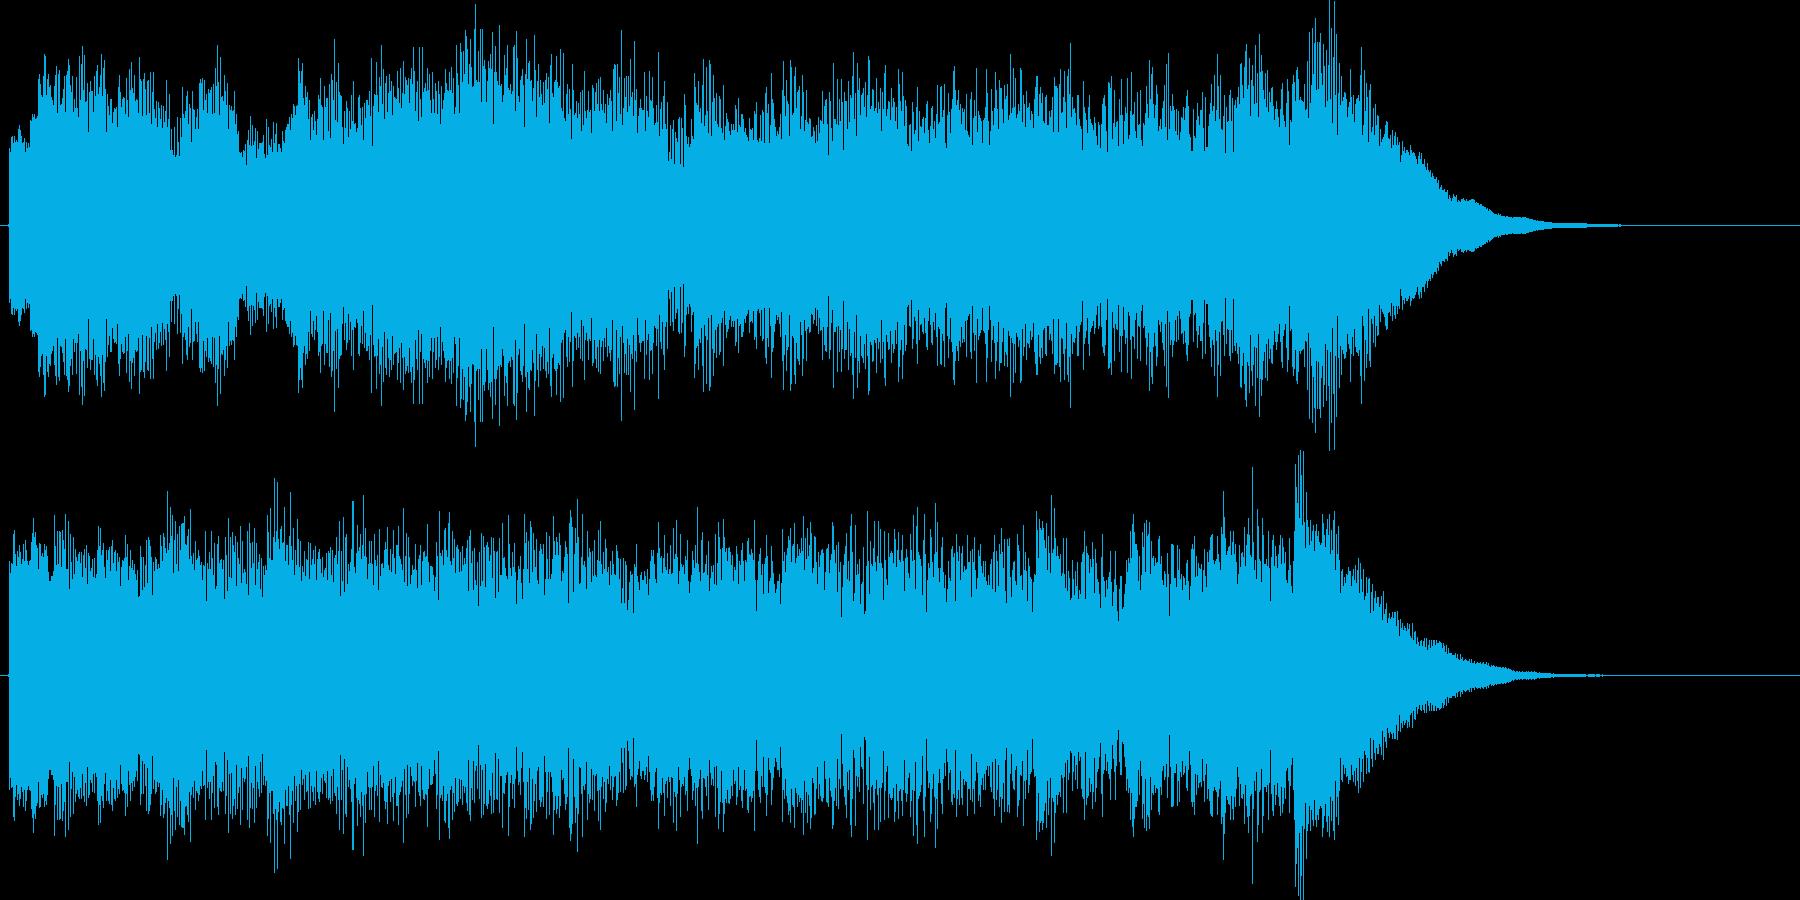 明るくきらきらした8秒間のチャイムの再生済みの波形